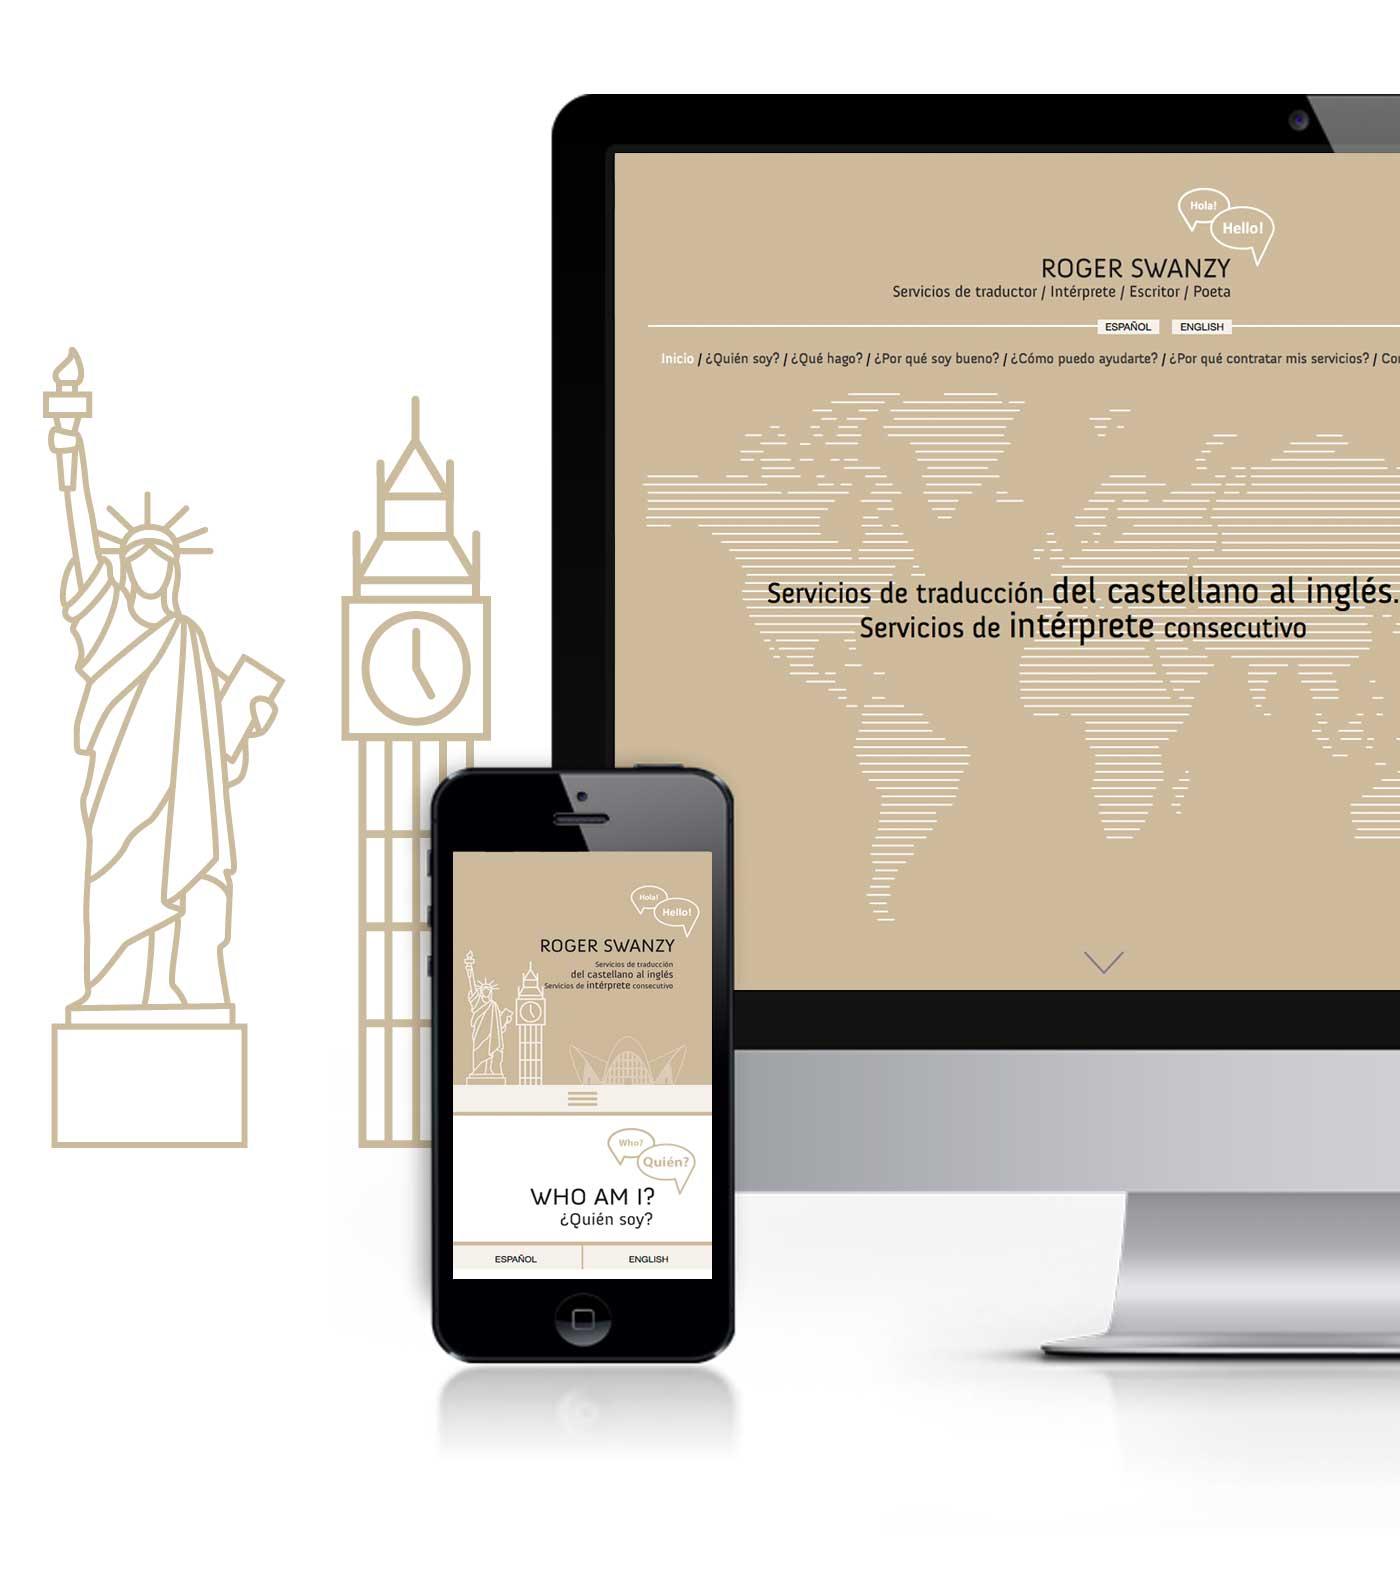 web responsive ROGER SWANZY Servicios de traductor / Intérprete